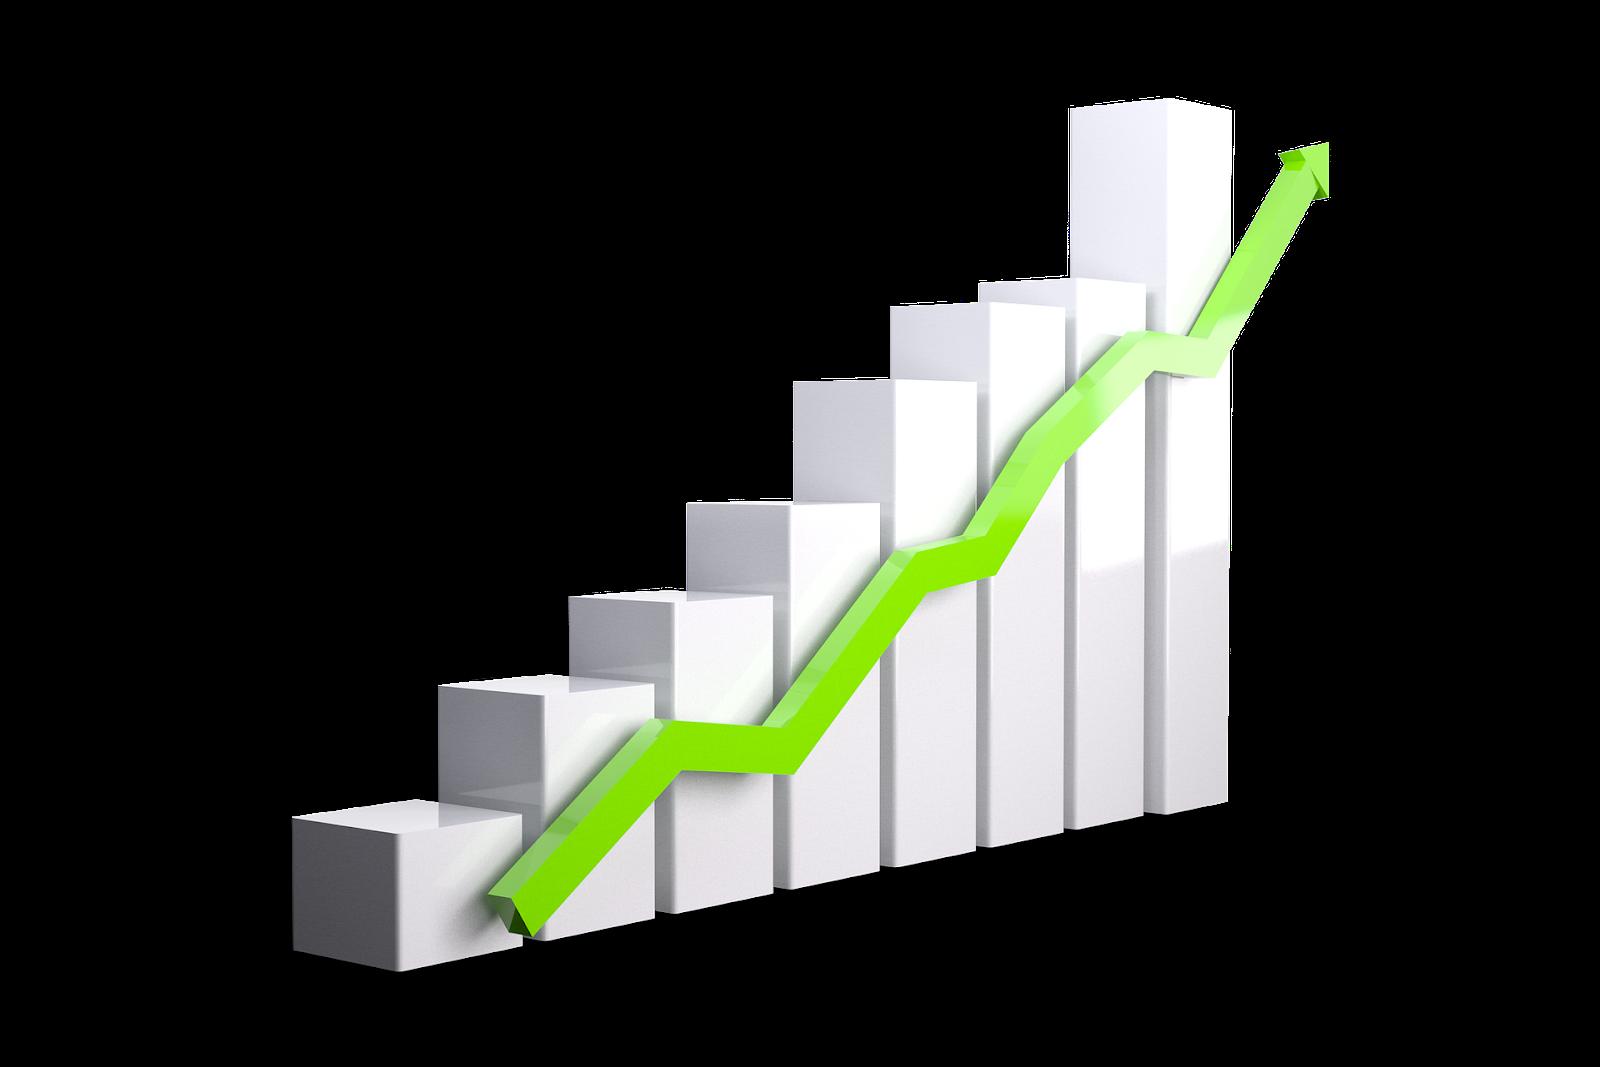 positive graph